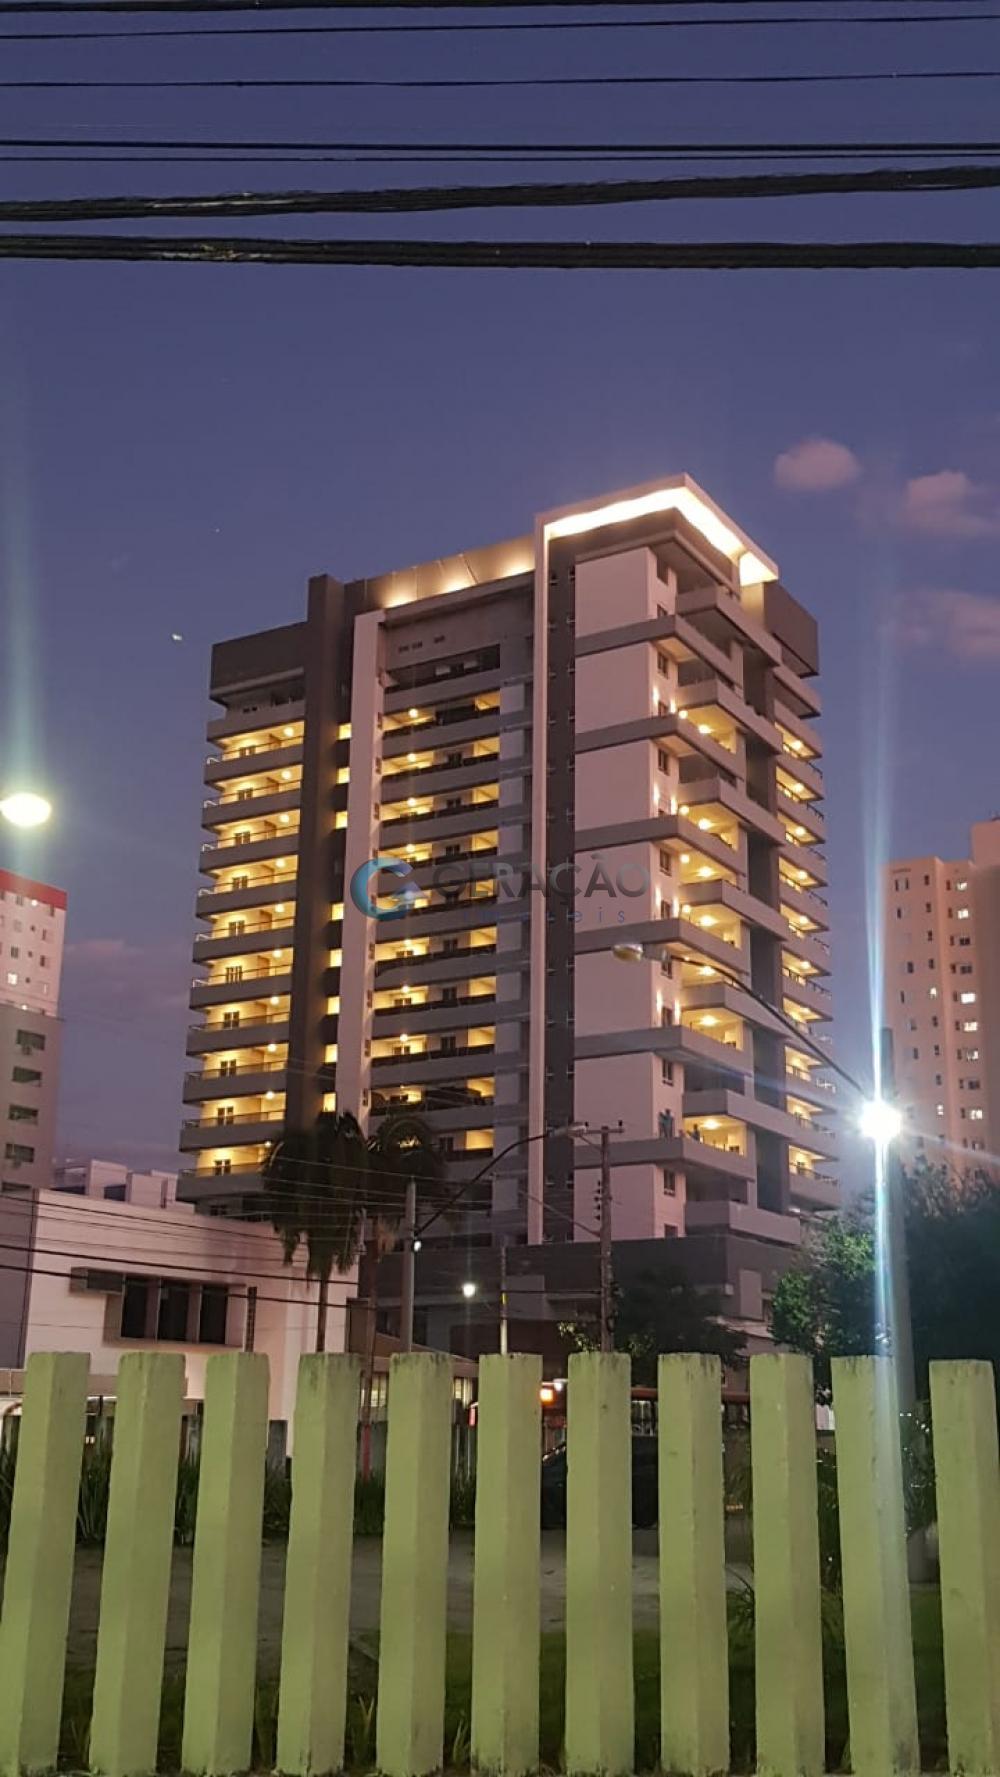 Comprar Apartamento / Padrão em São José dos Campos apenas R$ 790.000,00 - Foto 2